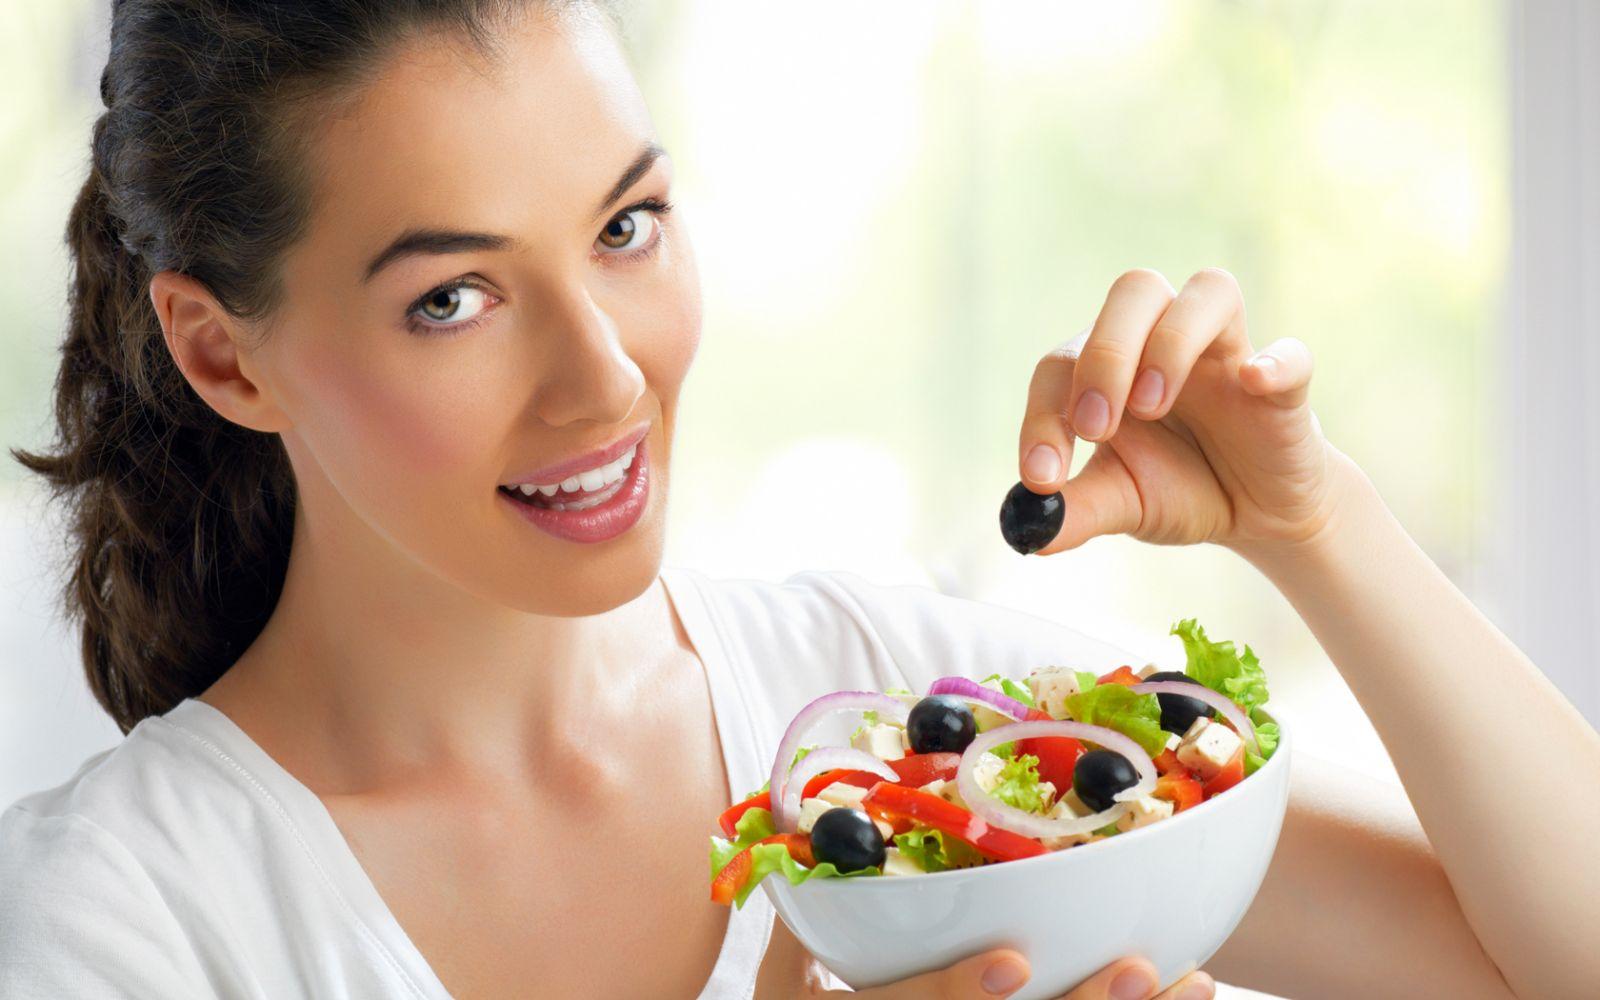 Топ 10 факторов, которые мешают похудеть - фото №1